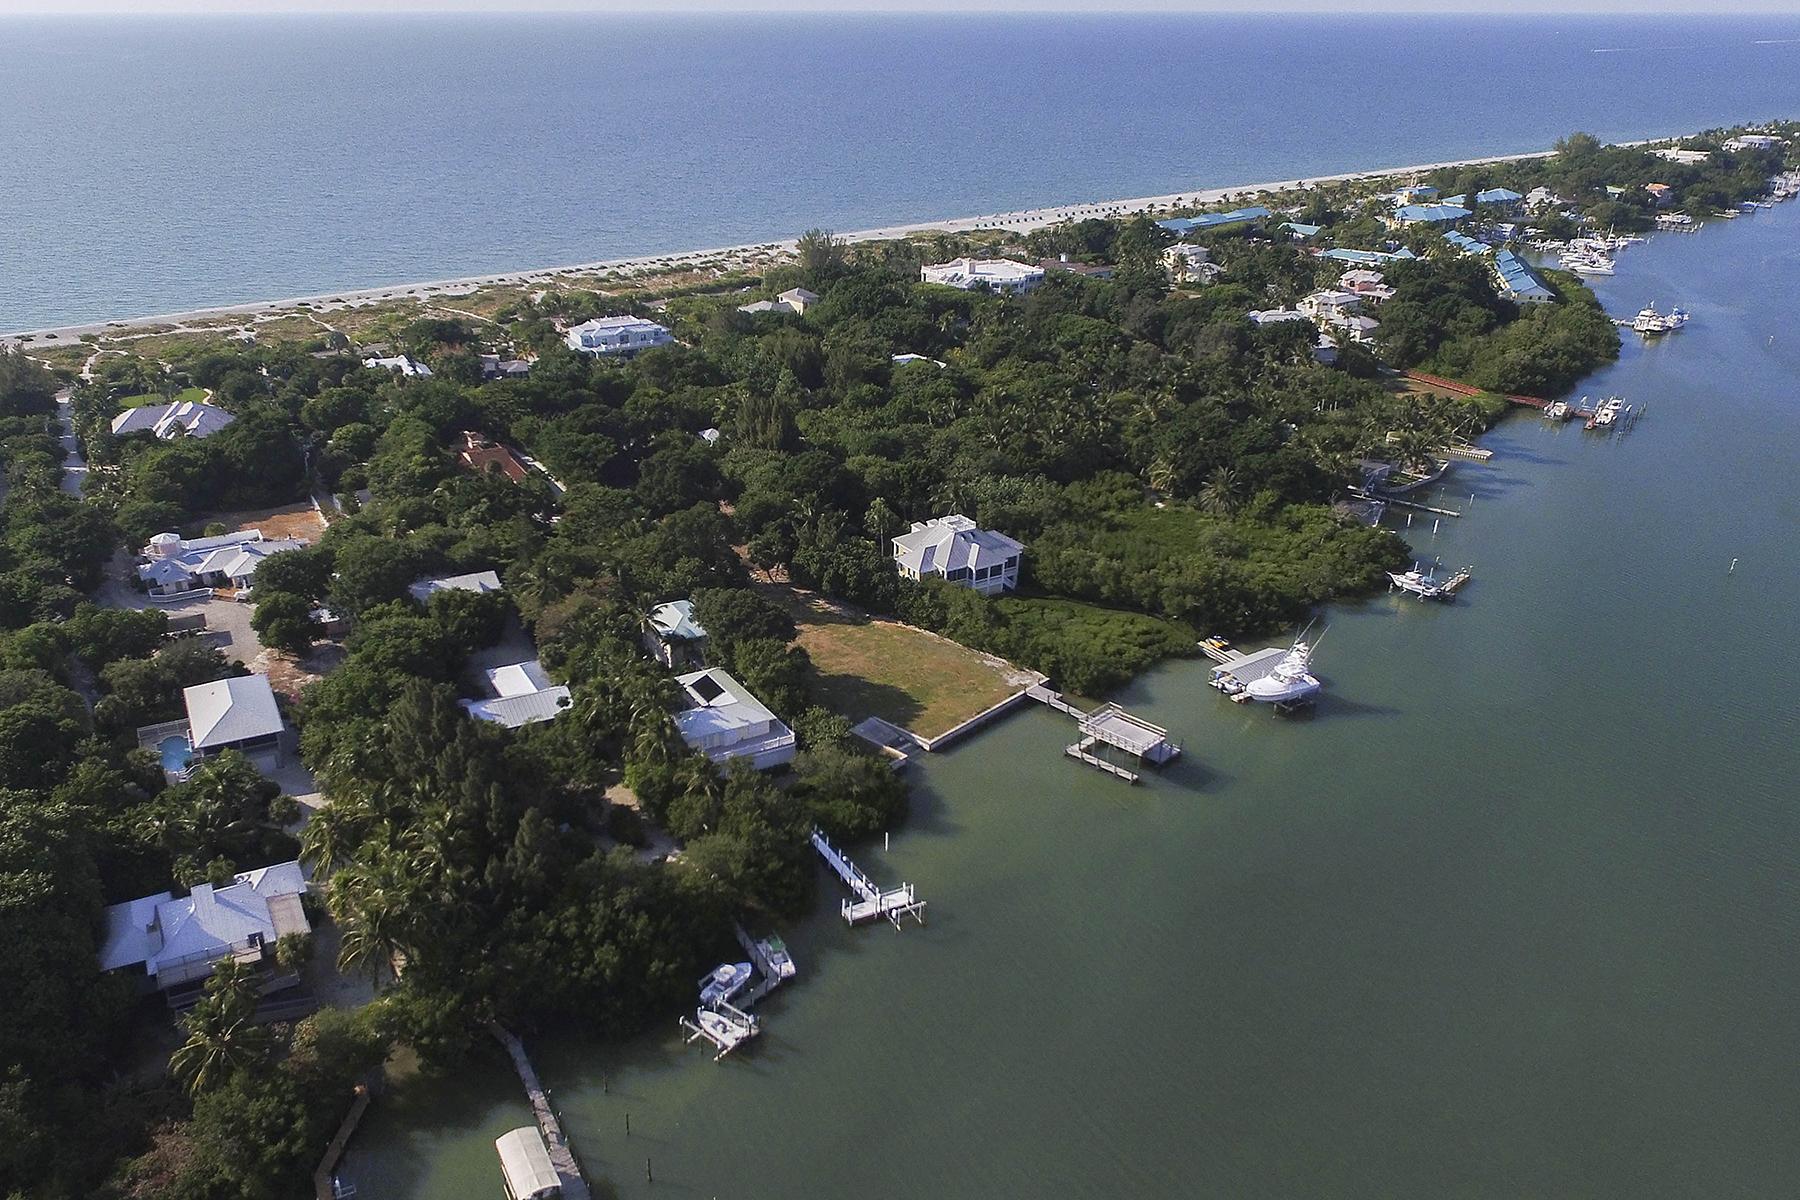 Tek Ailelik Ev için Satış at CAPTIVA 16181 Captiva Dr Captiva, Florida, 33924 Amerika Birleşik Devletleri